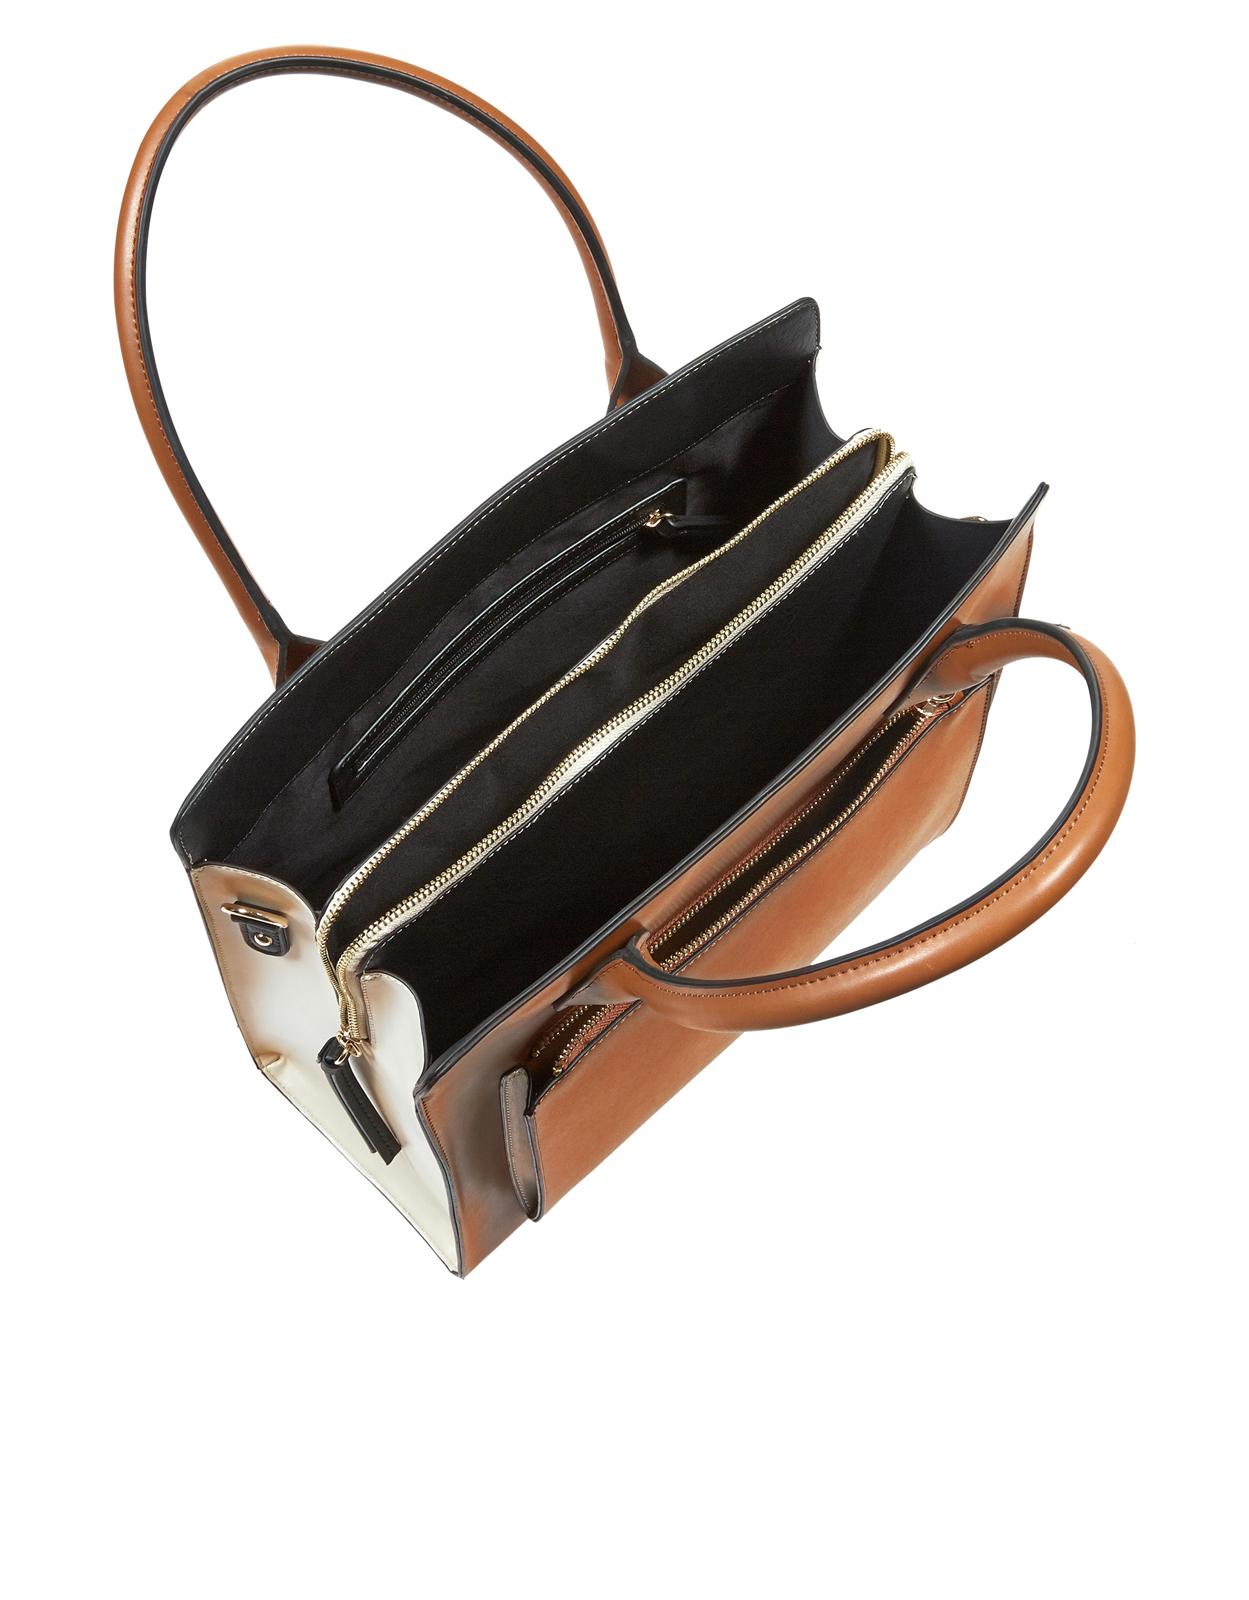 LEIGH BOXY TOTE BAG